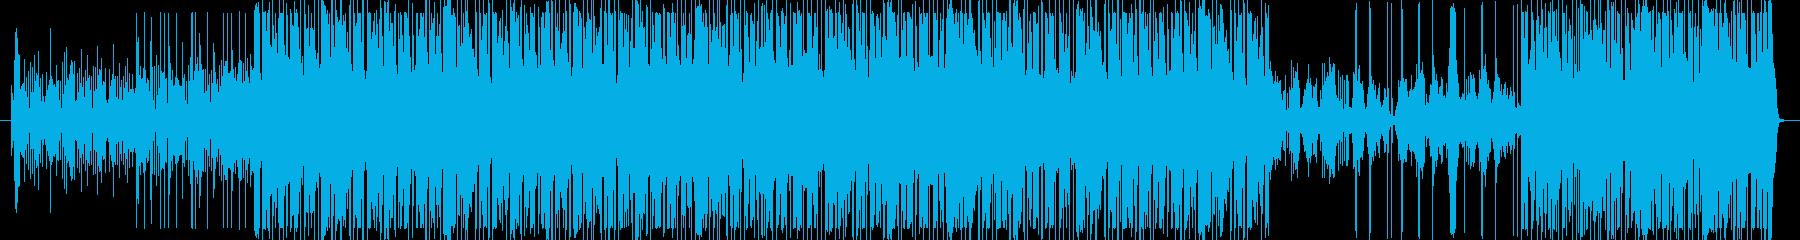 アクションアドベンチャーの音楽キュー。の再生済みの波形